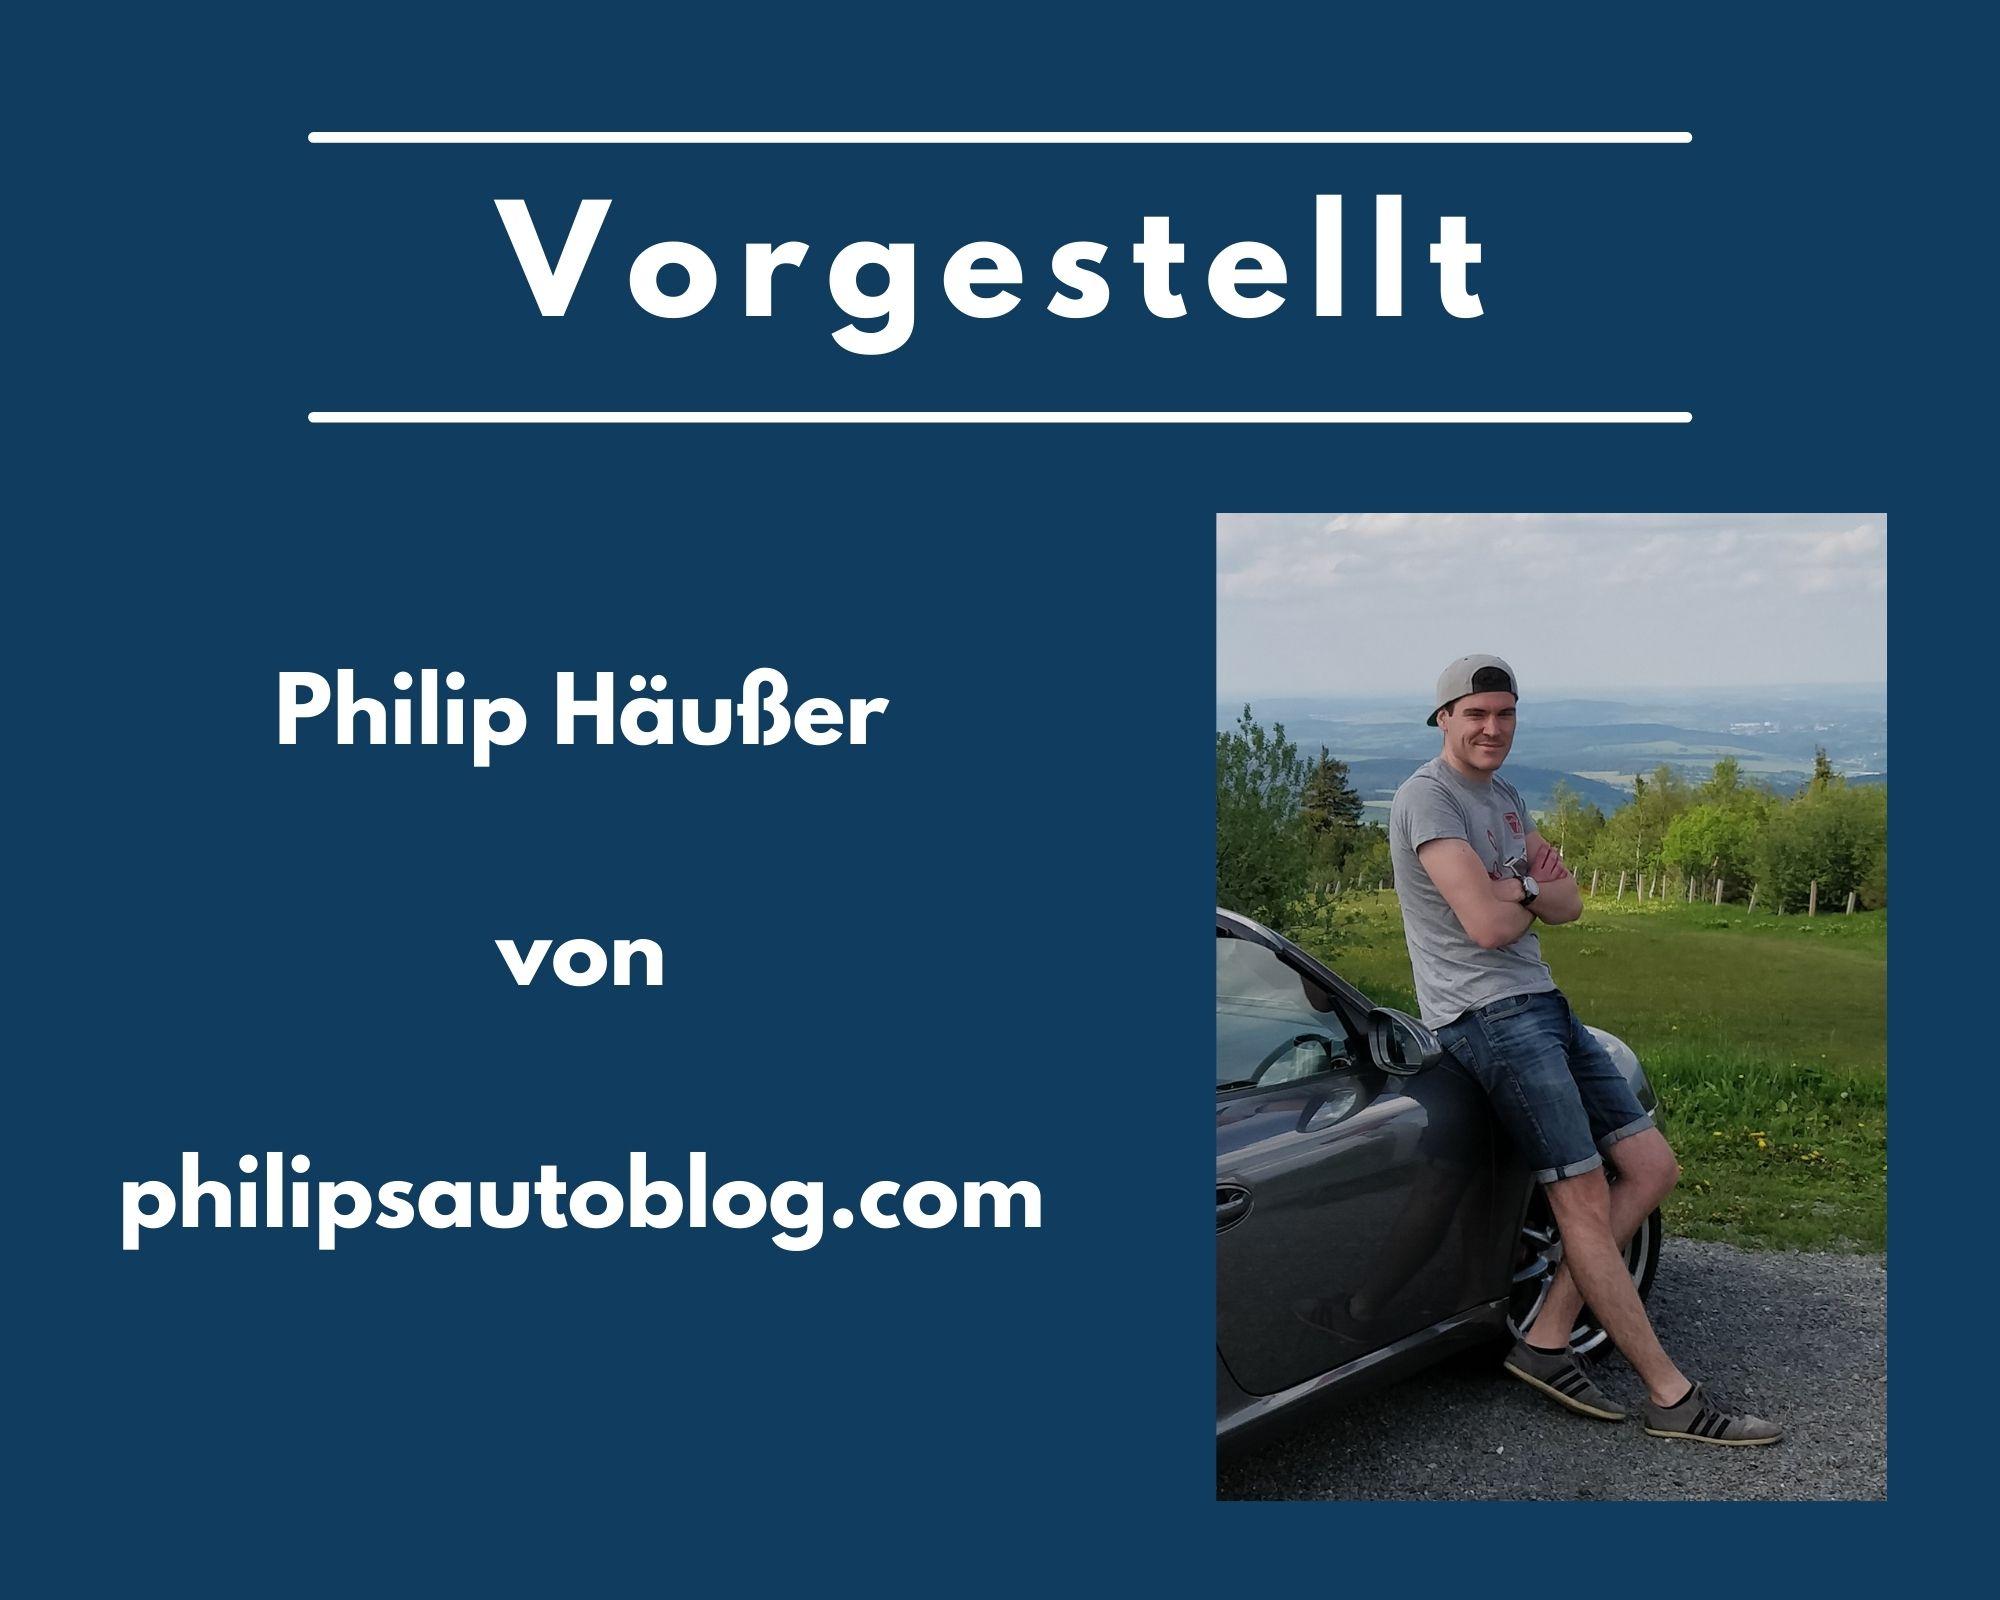 Vorgestellt: Interview mit Philip Häußer von philipsautoblog.com